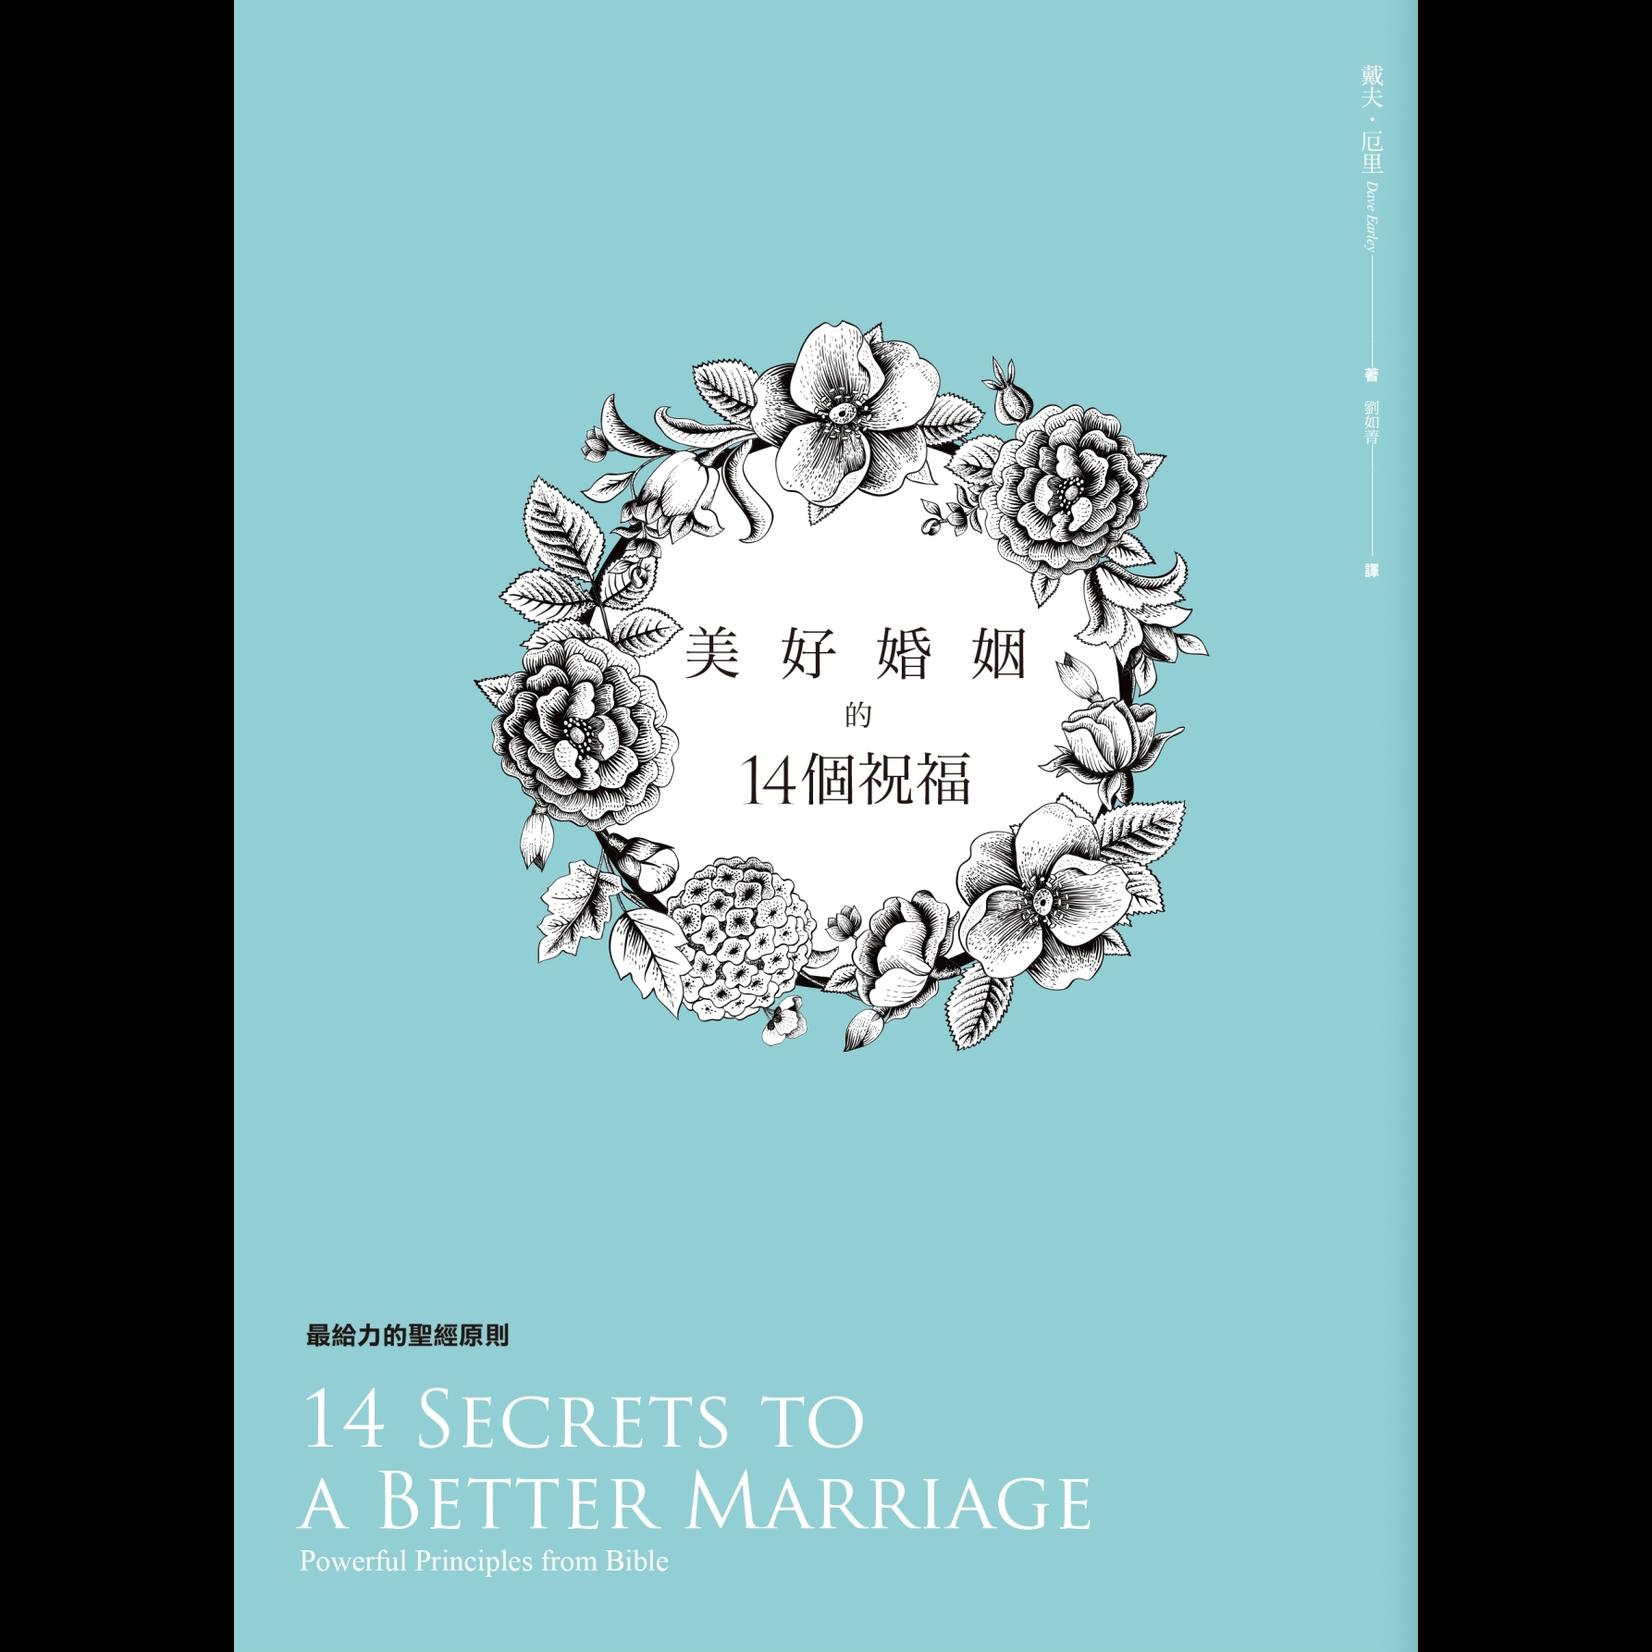 宇宙光 Cosmic Light 美好婚姻的14個祝福:最給力的聖經原則 14 Secrets to a Better Marriage: Powerful Principles from Bible